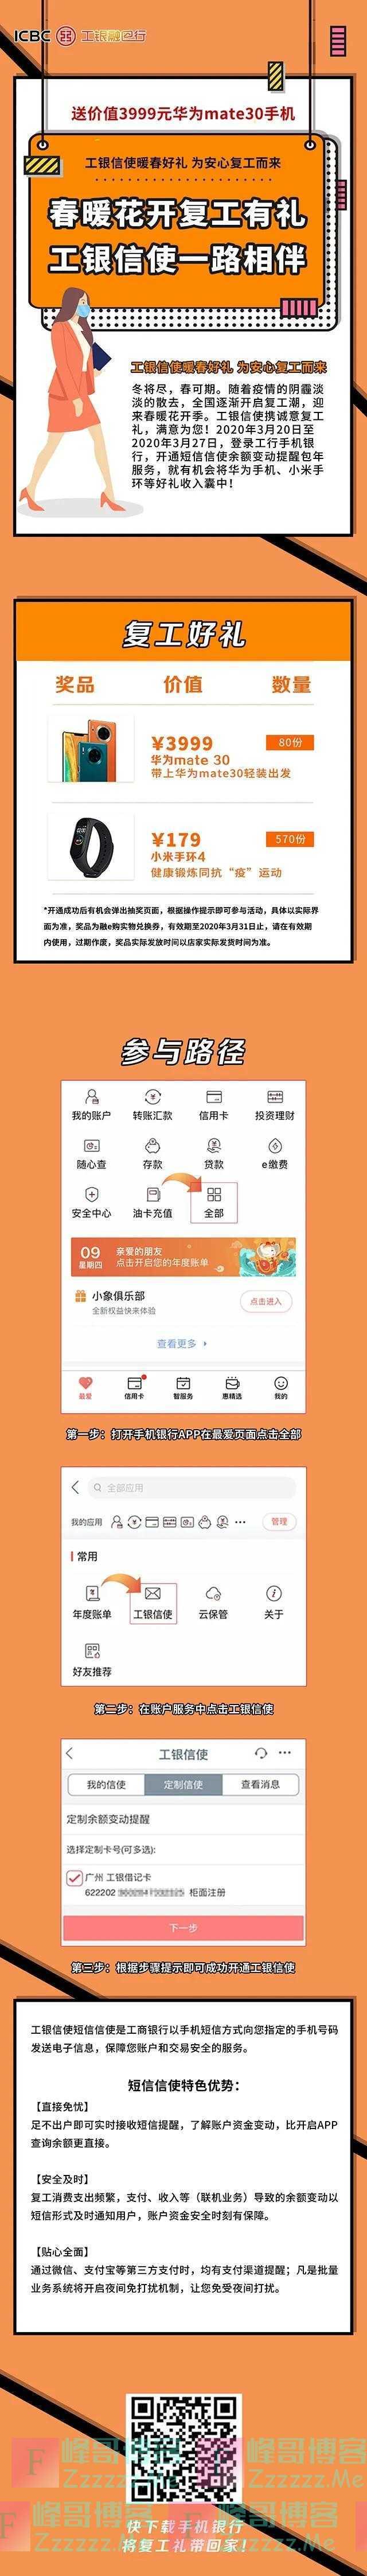 工行工银信使暖春好礼 赢华为mate30手机(截止3月27日)